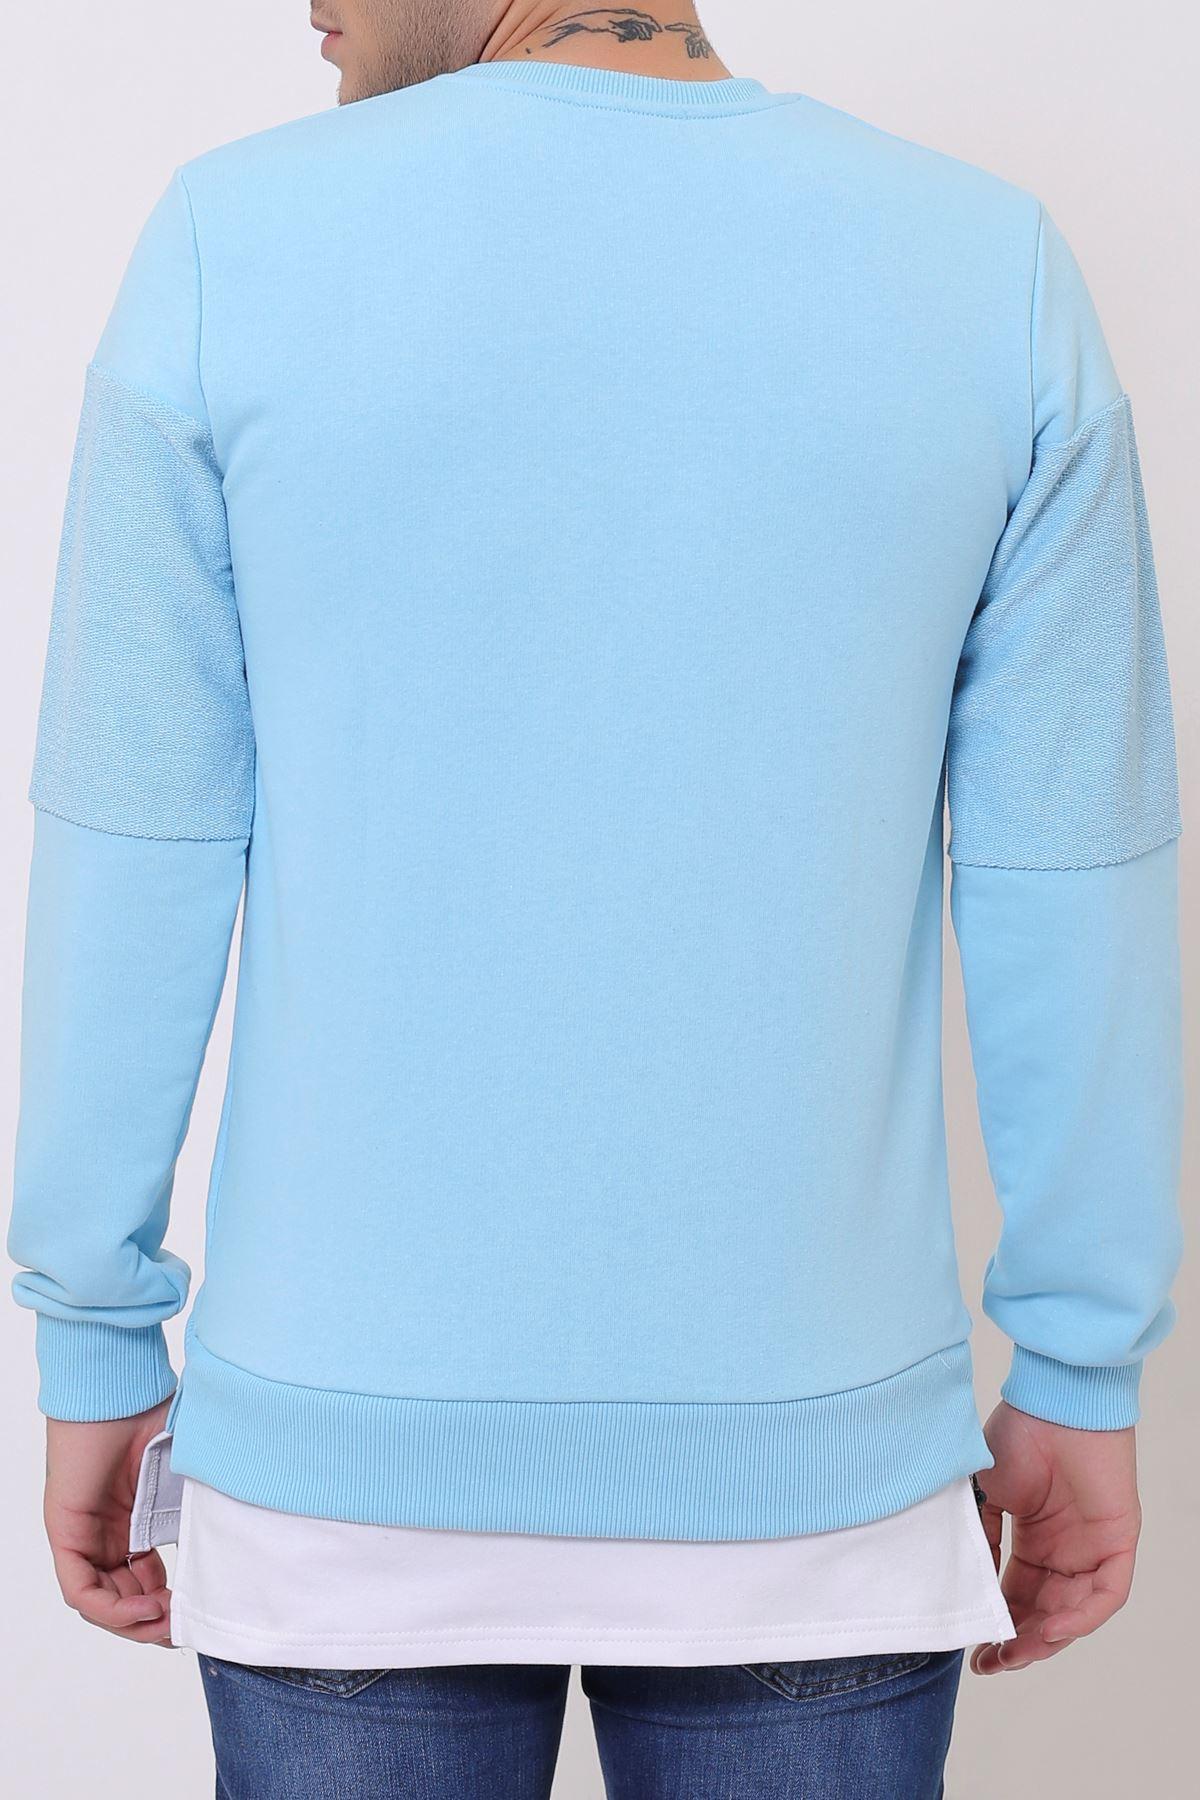 Mavi Erkek Spor Kesim Bisiklet Yaka Sweatshirt